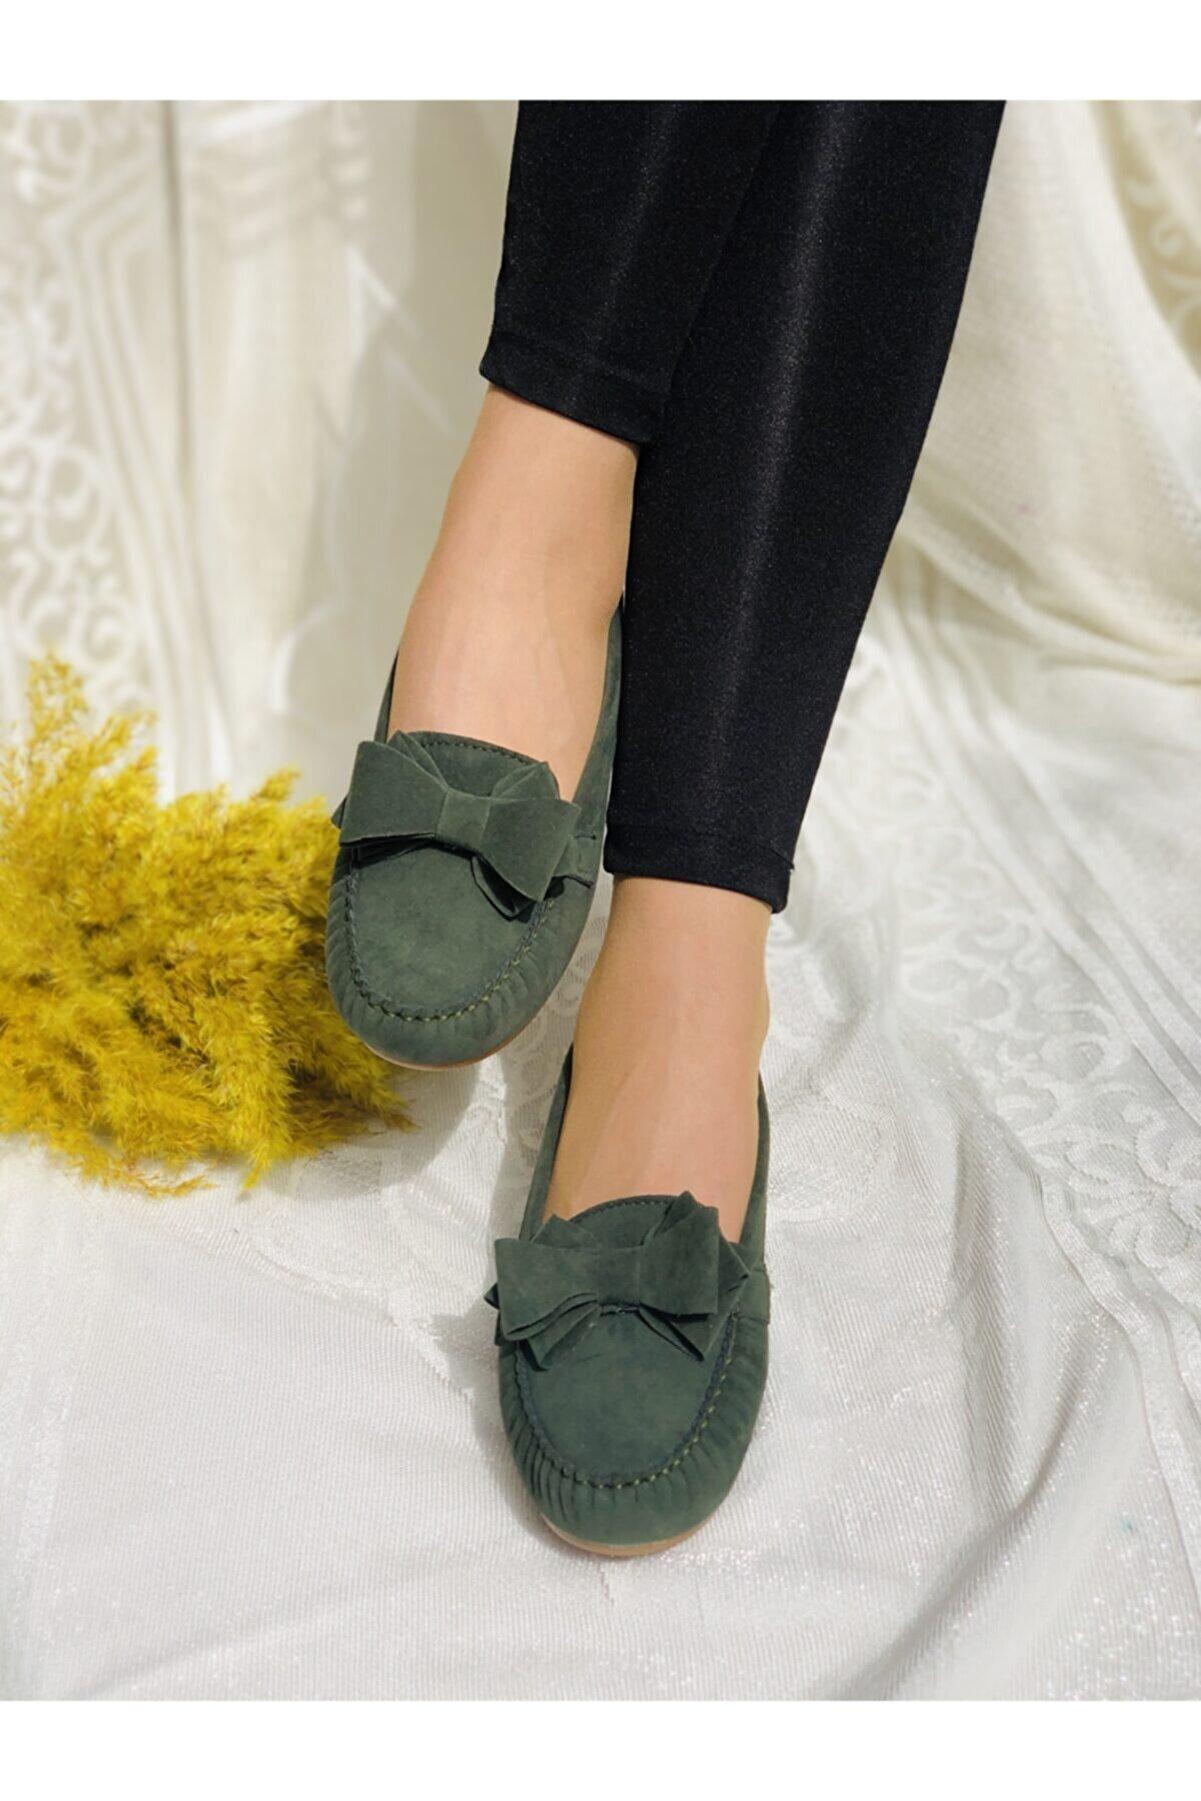 ENOLA Kadın Haki Yeşil Babet